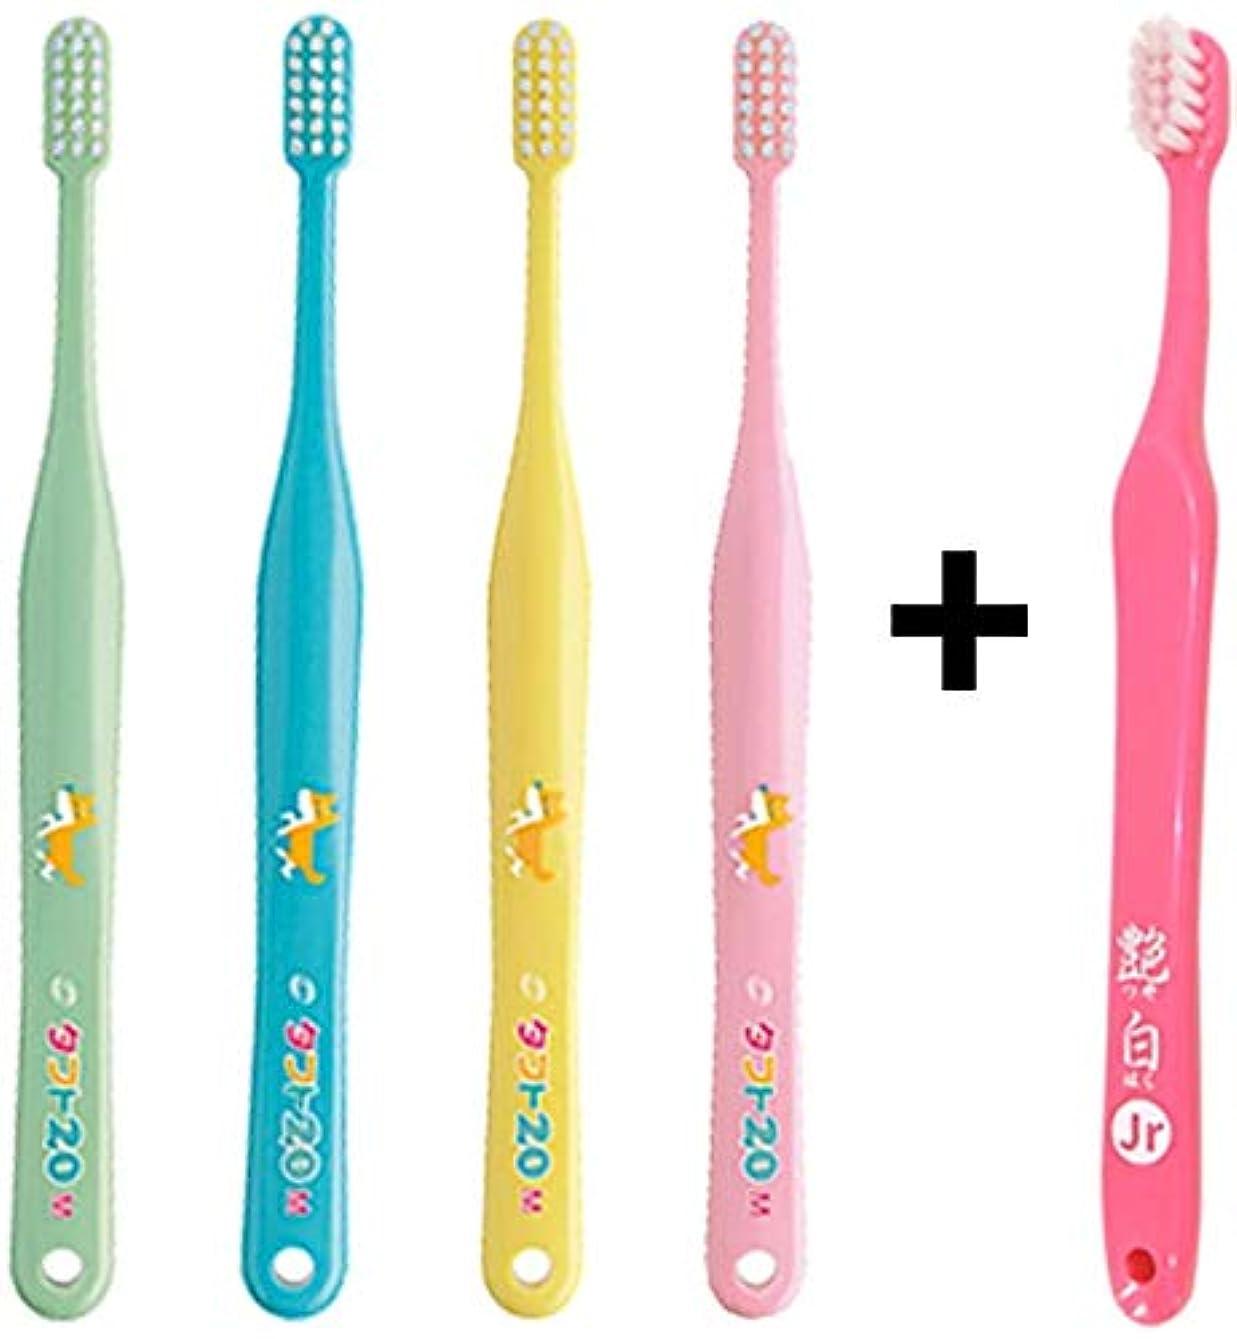 栄養論文死ぬタフト20 M(ふつう) こども 歯ブラシ×10本 + 艶白(つやはく) Jr ジュニア ハブラシ×1本 MS(やややわらかめ) 日本製 歯科専売品